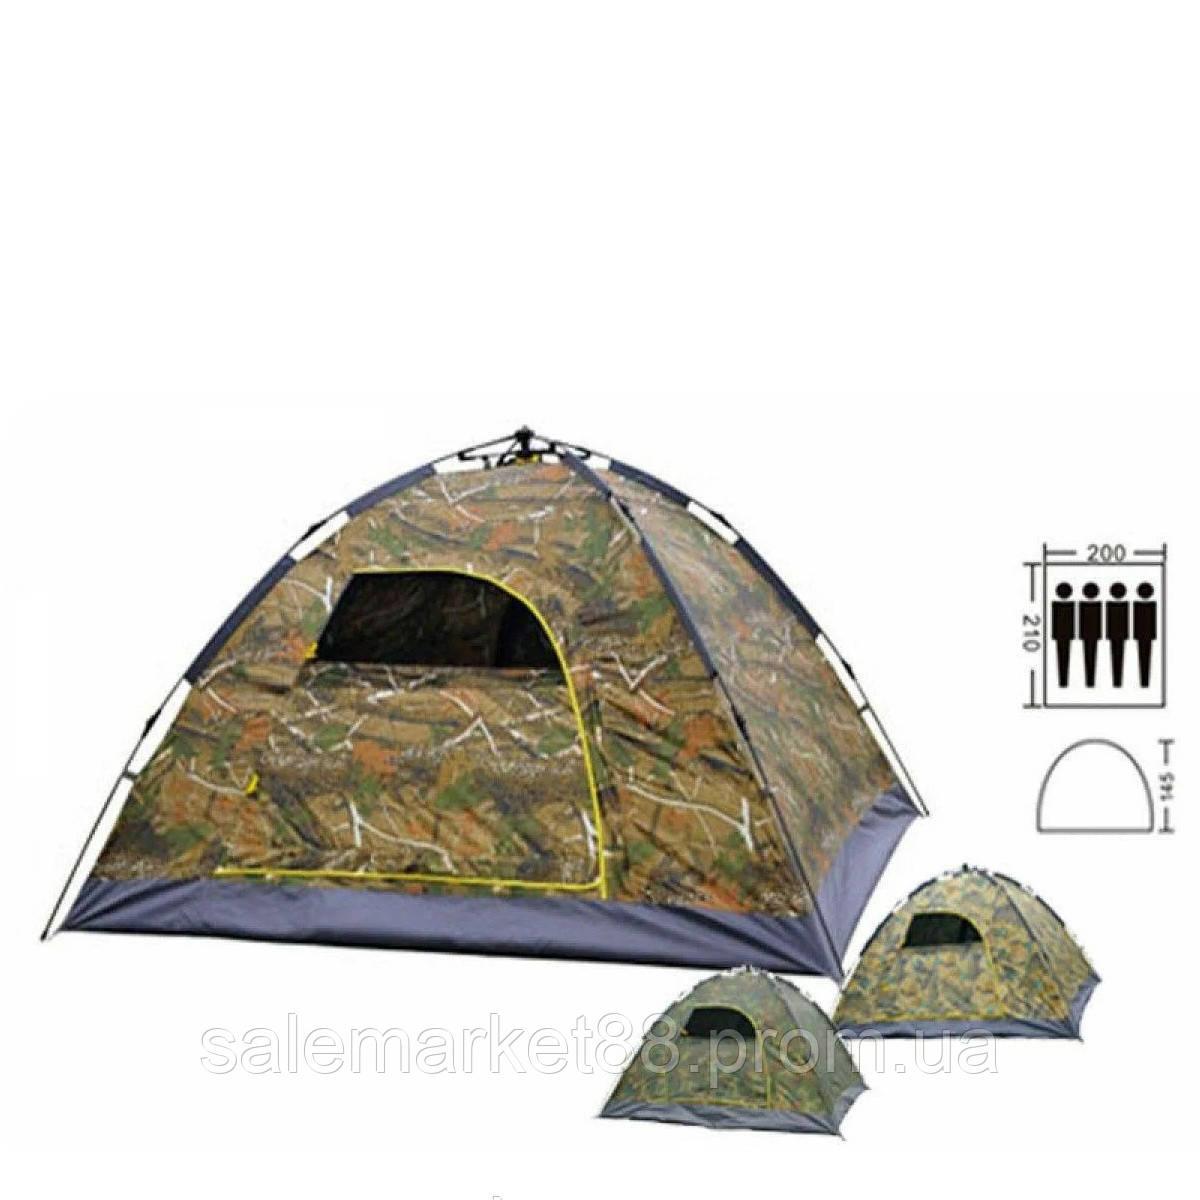 Туристическая палатка 4-х местная с автоматическим каркасом 200x210x145 см